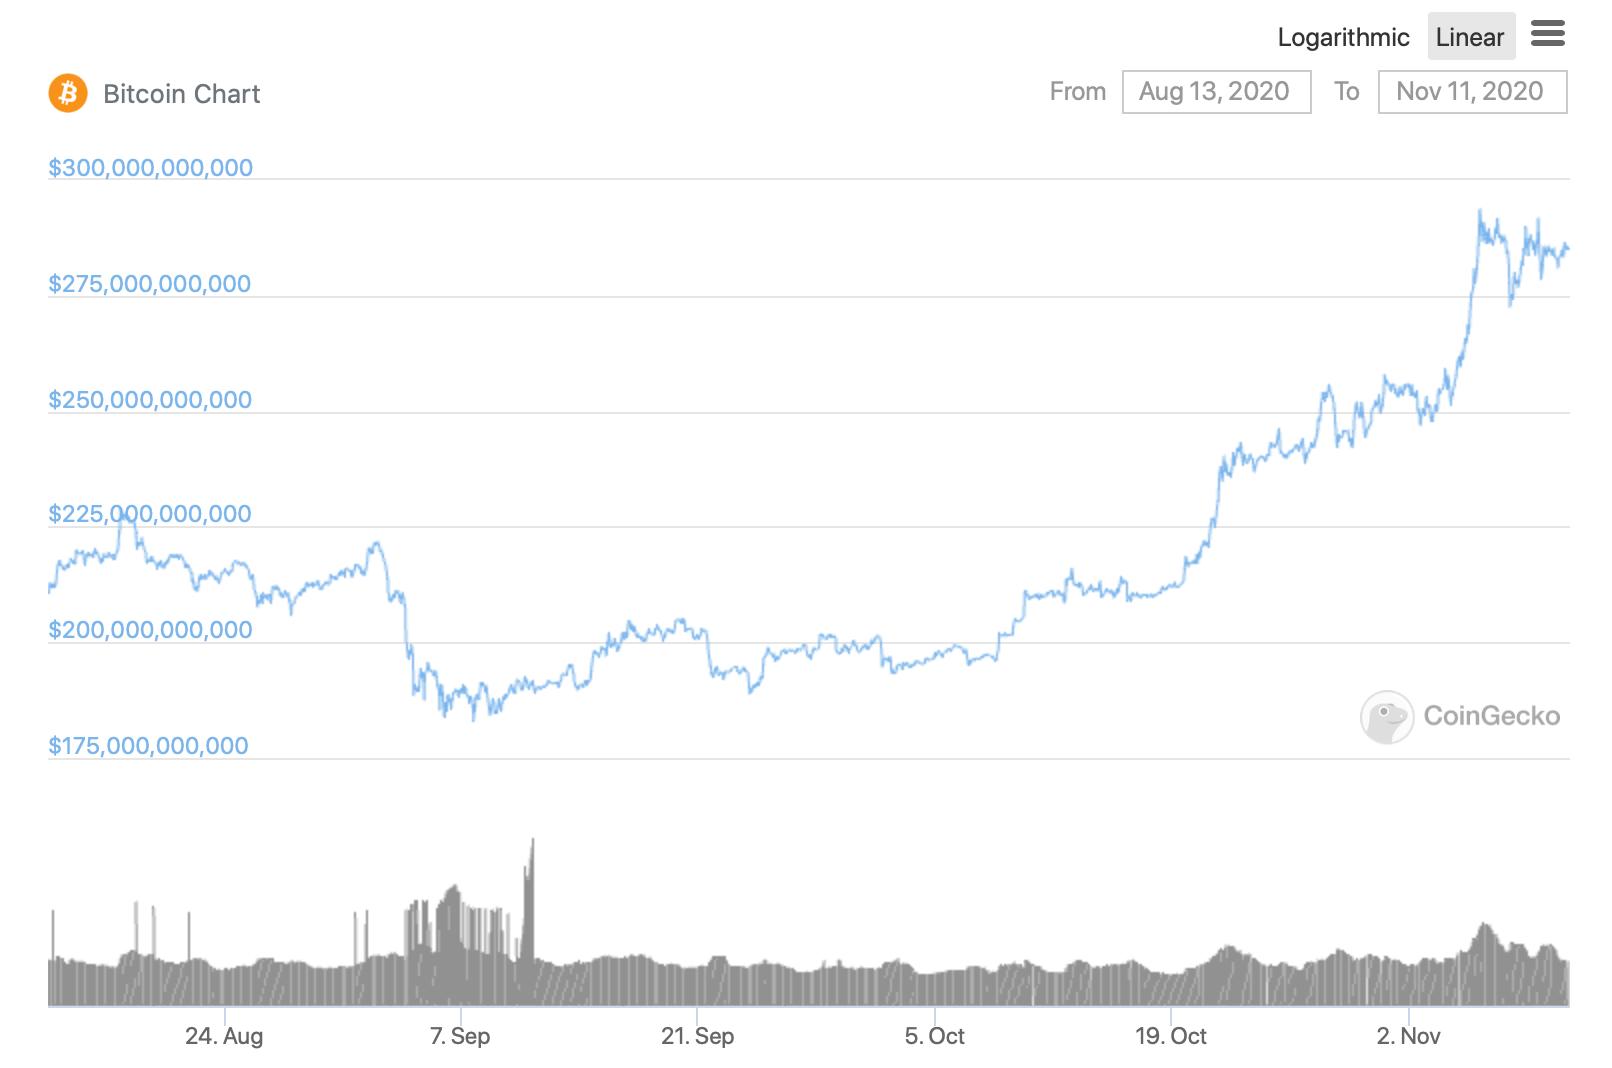 График курса Биткоина за 90 дней